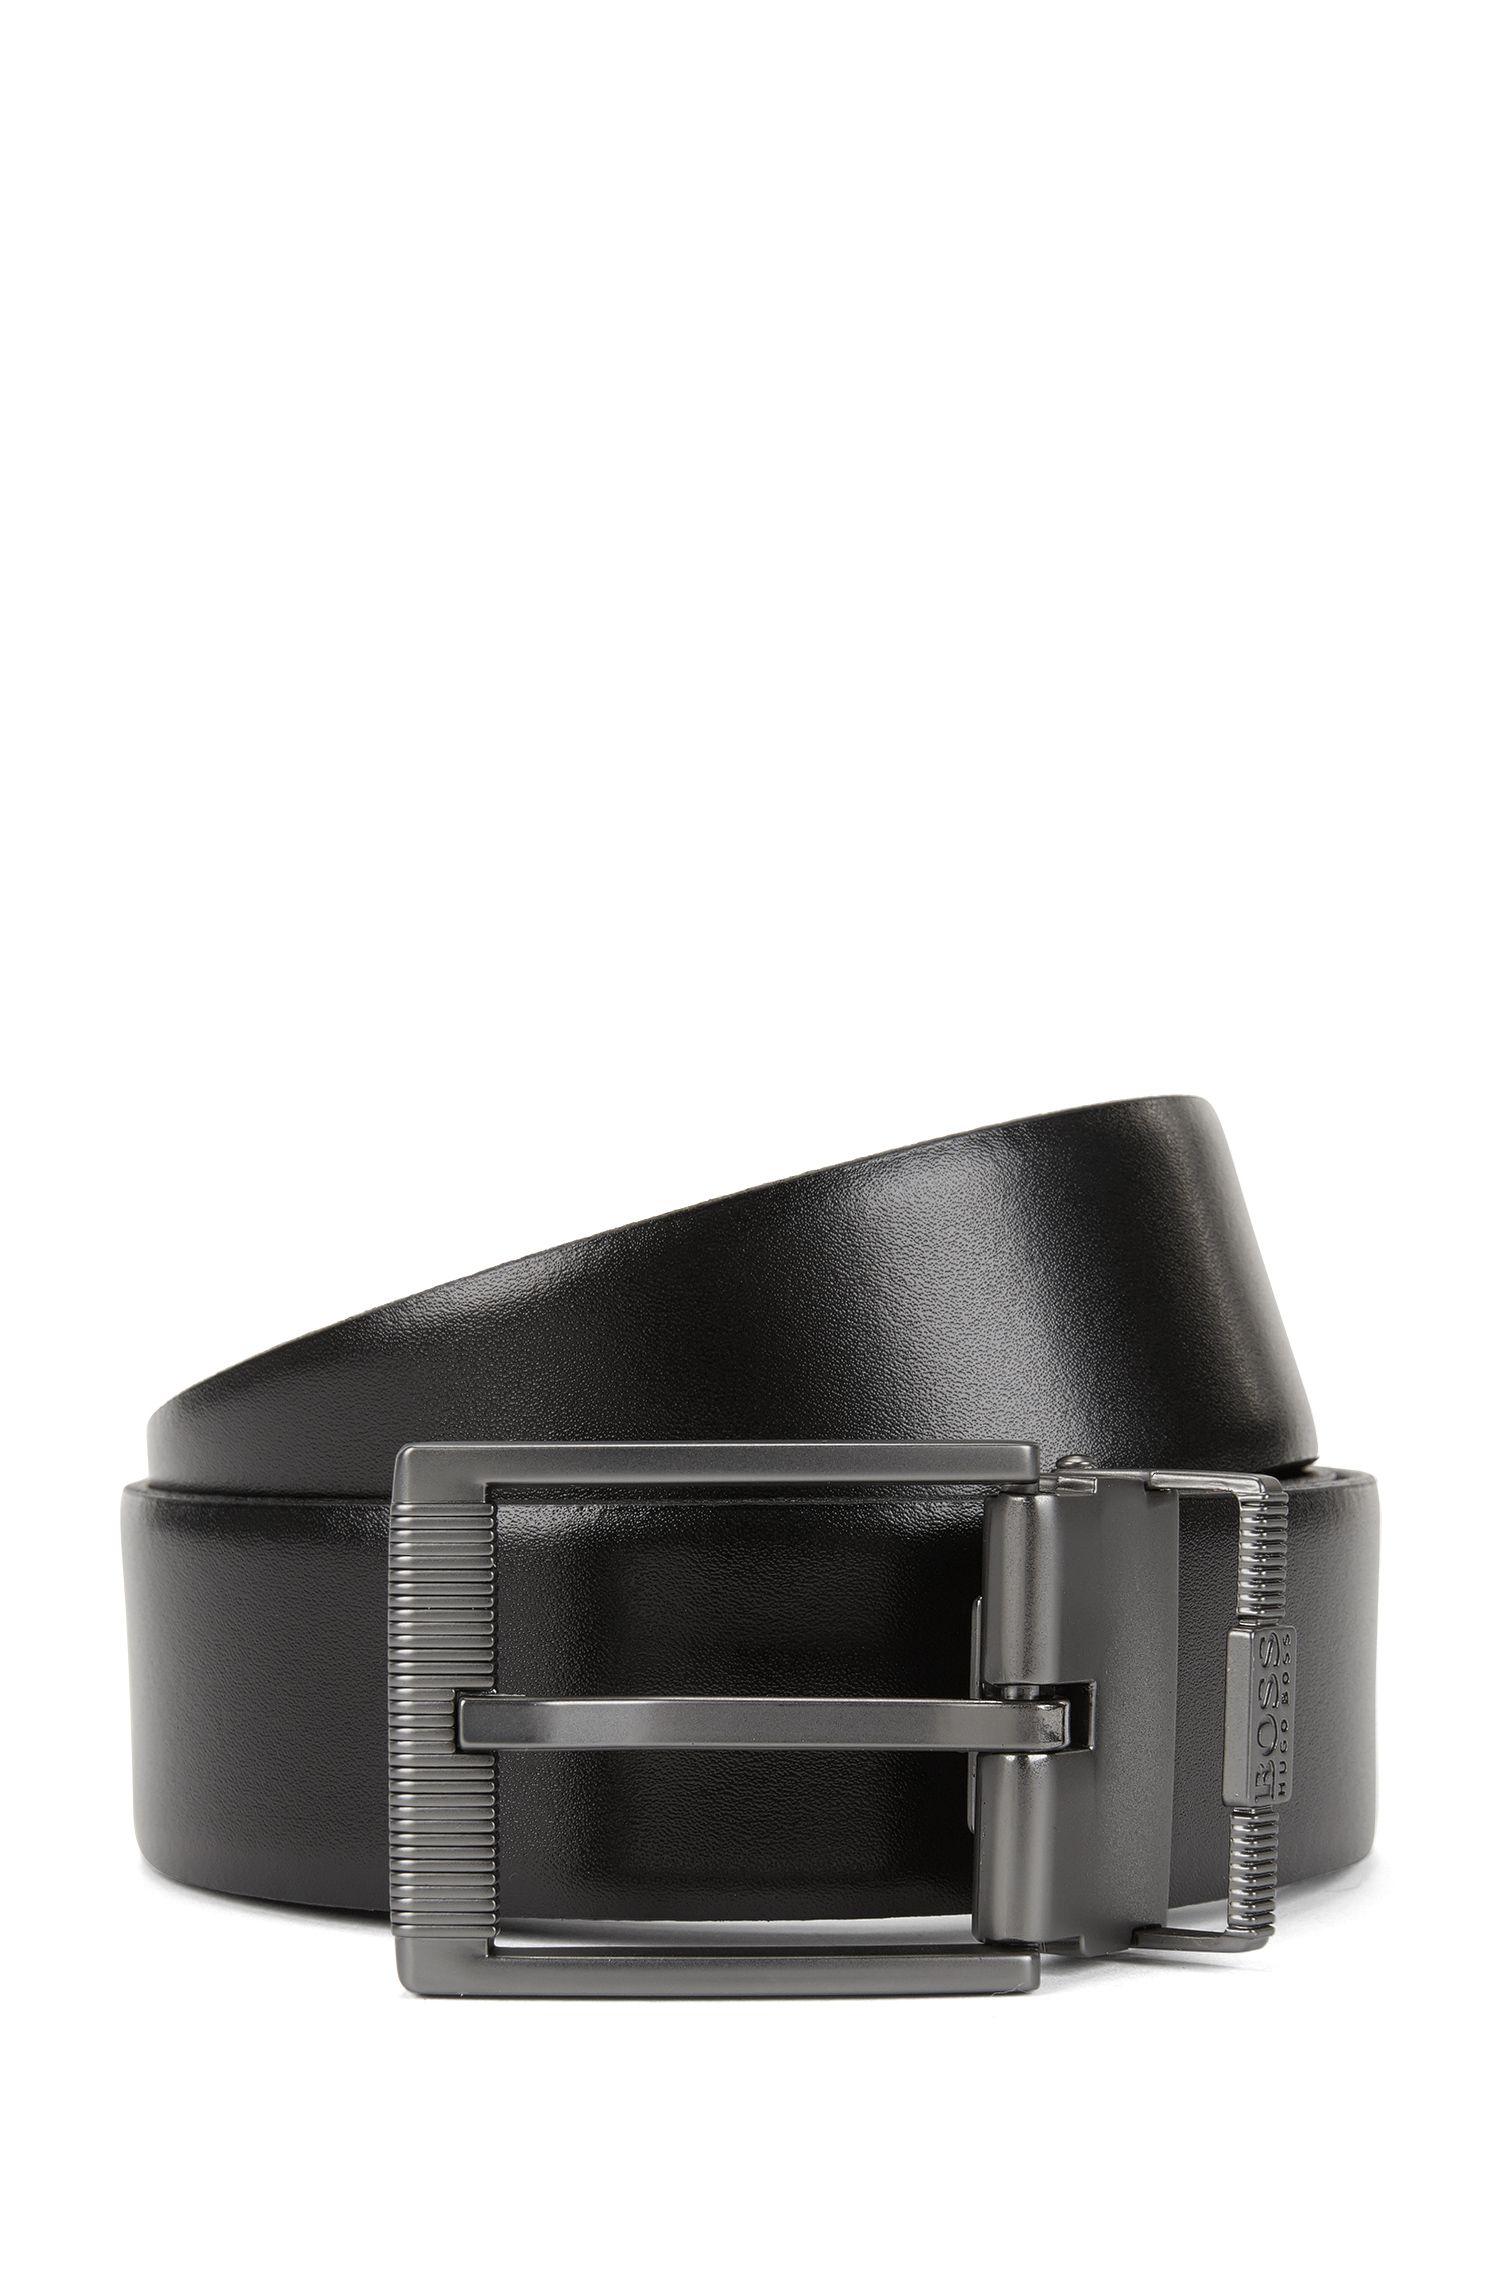 Cinturón reversible de piel lisa y estructurada con hebilla doble de metal pesado mate